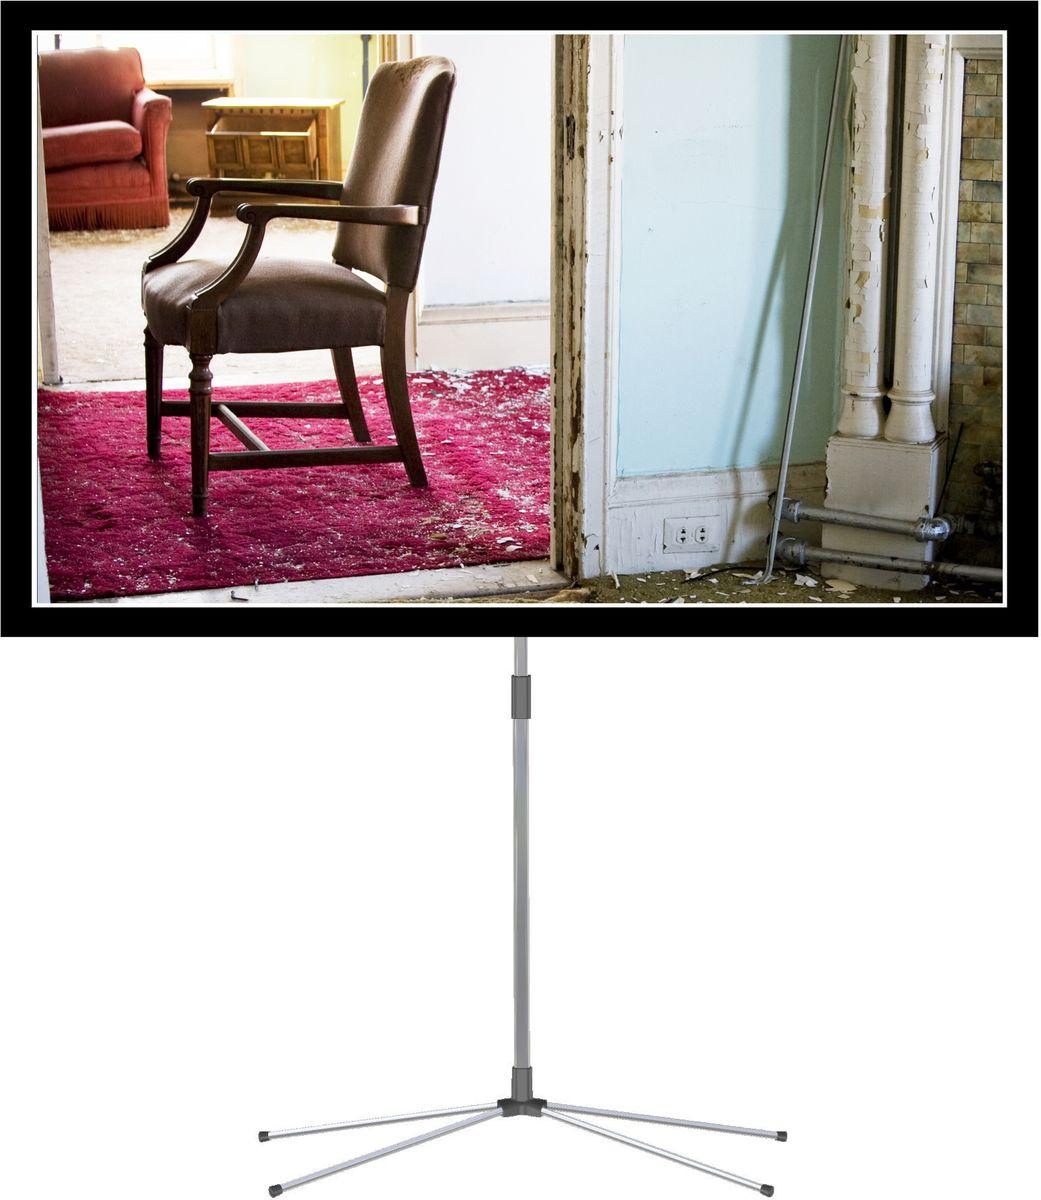 oray easyfixx 4 3 crans de projection son vid. Black Bedroom Furniture Sets. Home Design Ideas